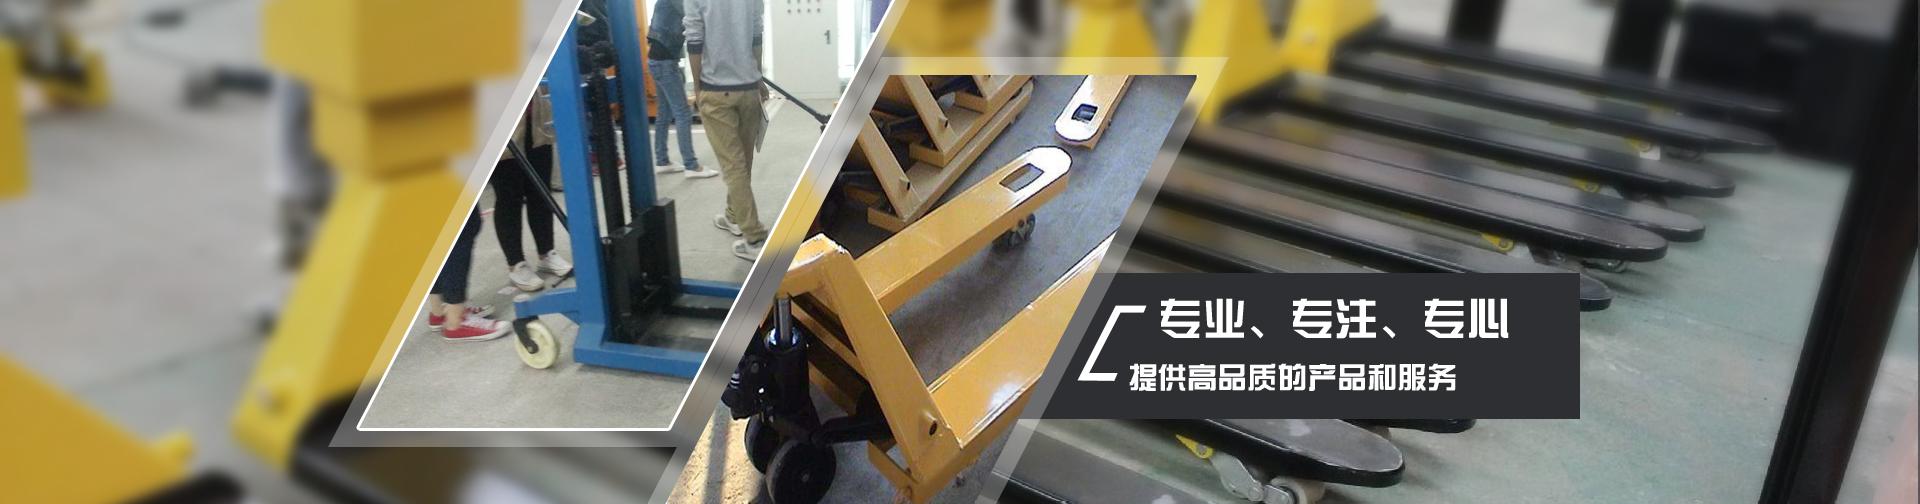 重庆手动叉车